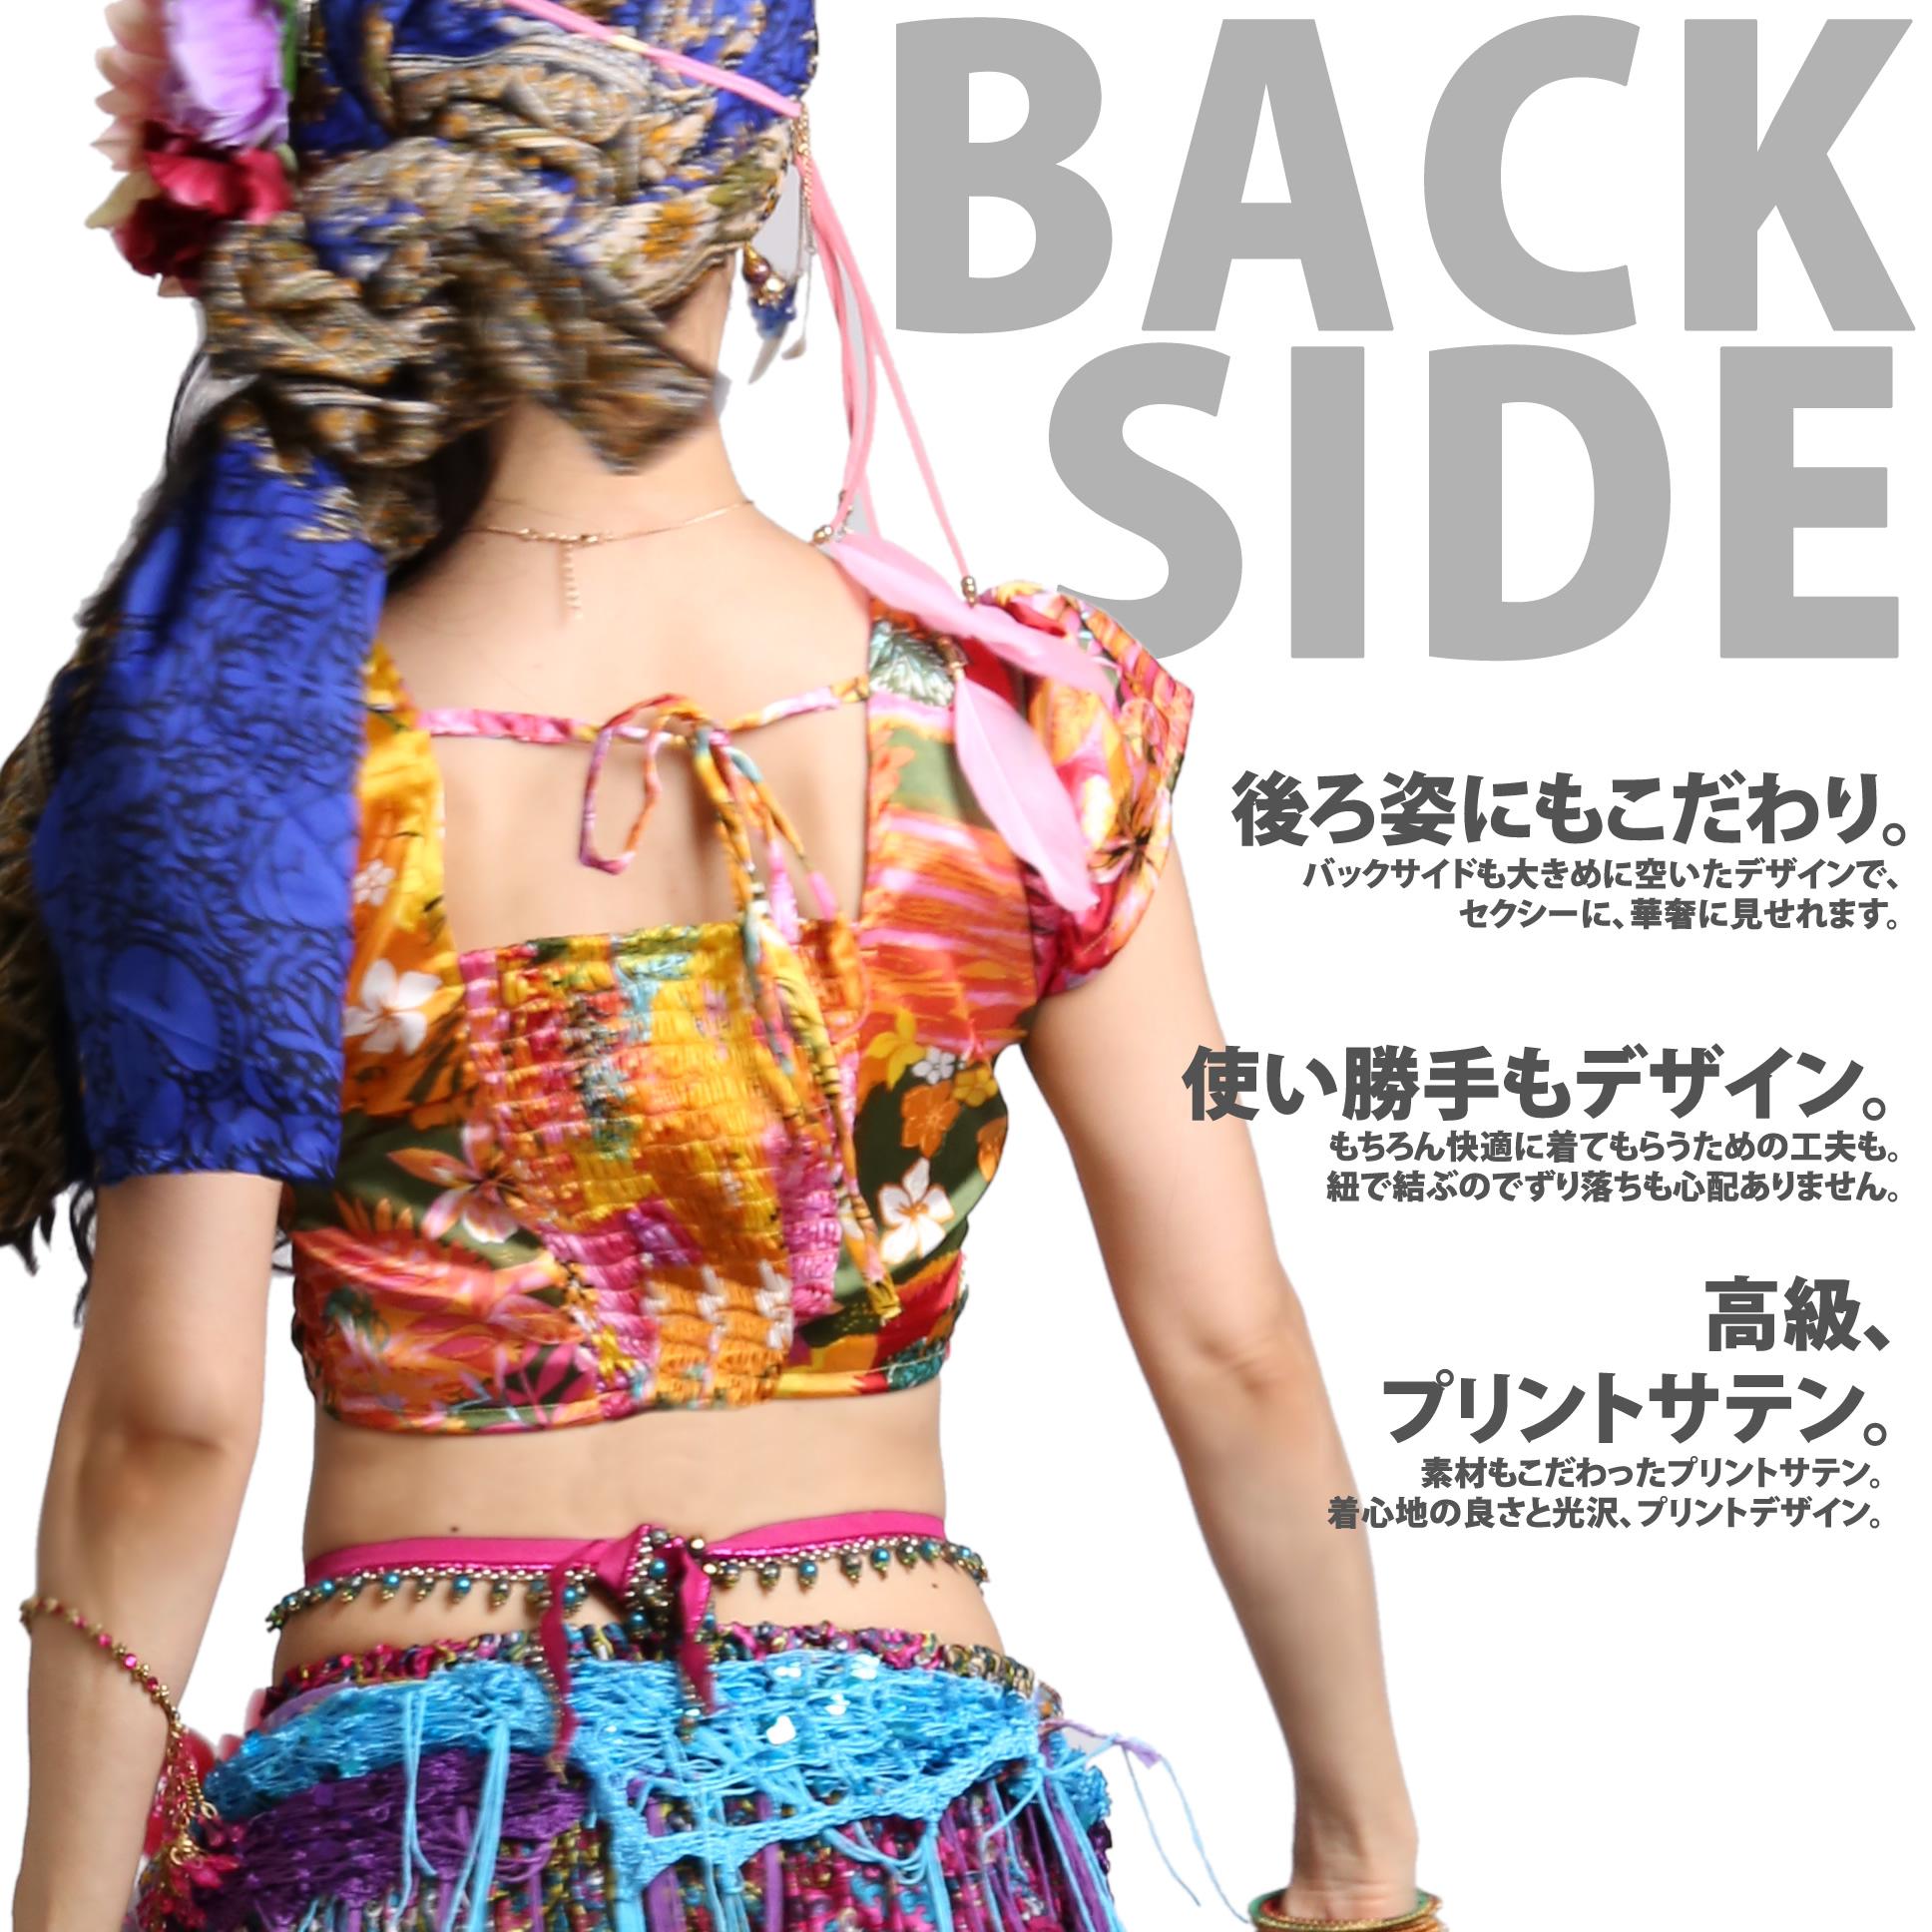 【15%OFF・送料無料】・マハラニトップス プリントサテンモデル